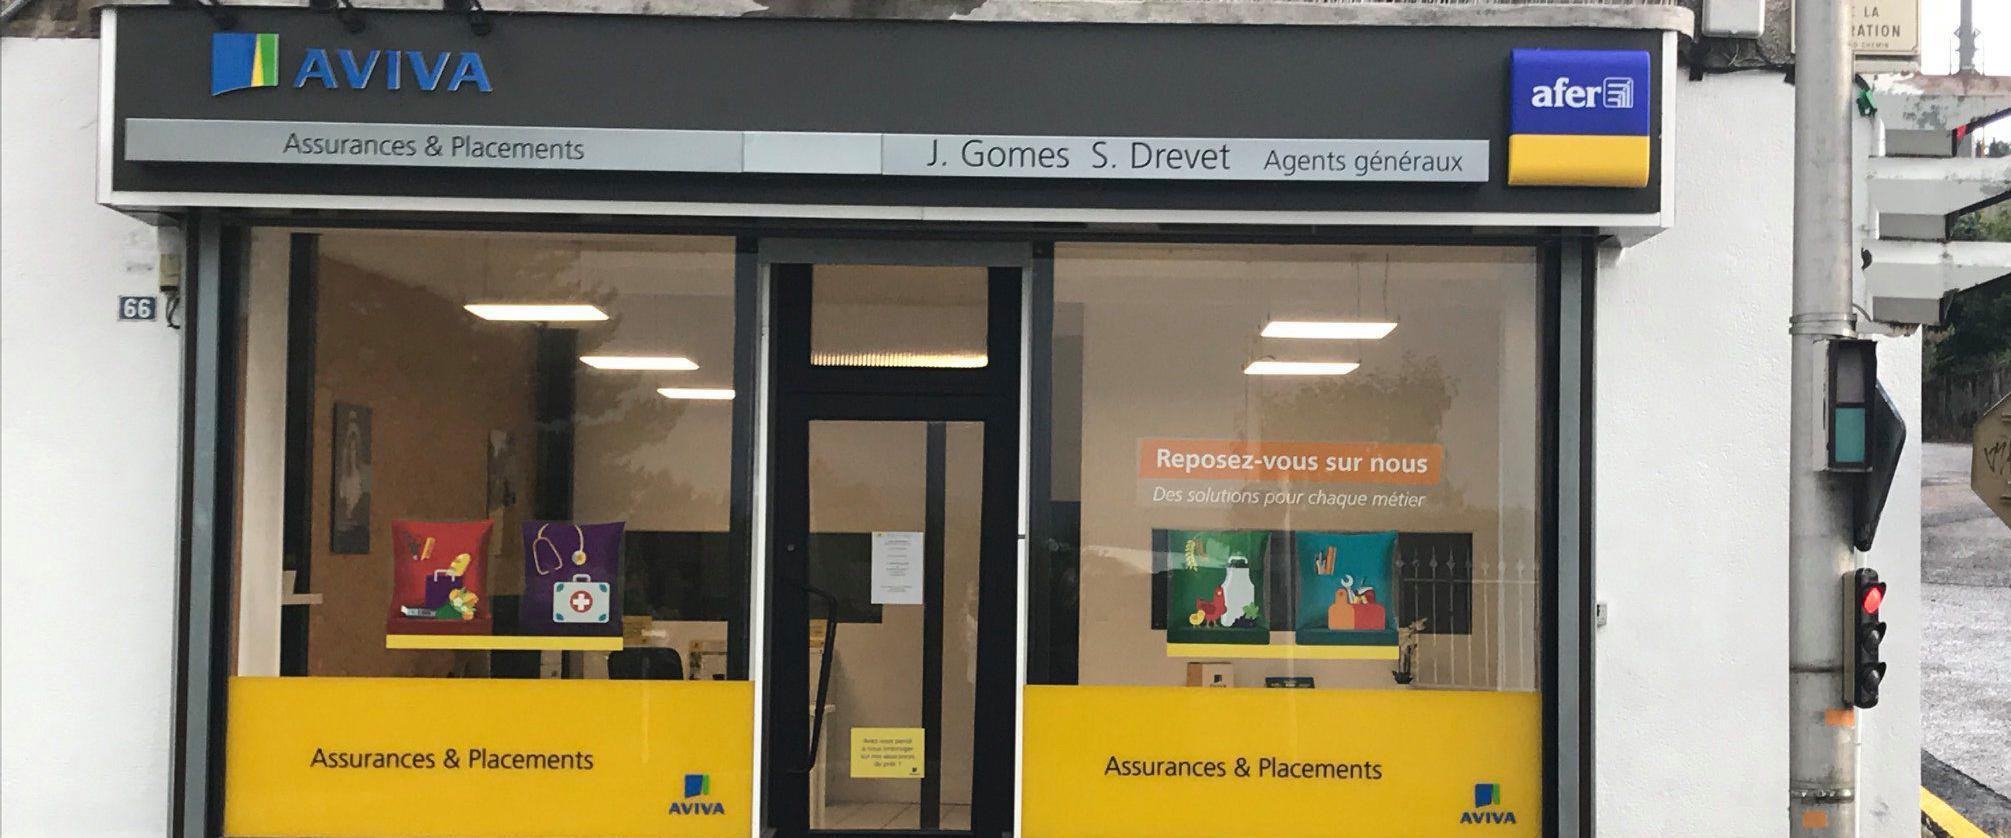 agence assurance AVIVA Monistrol sur Loire